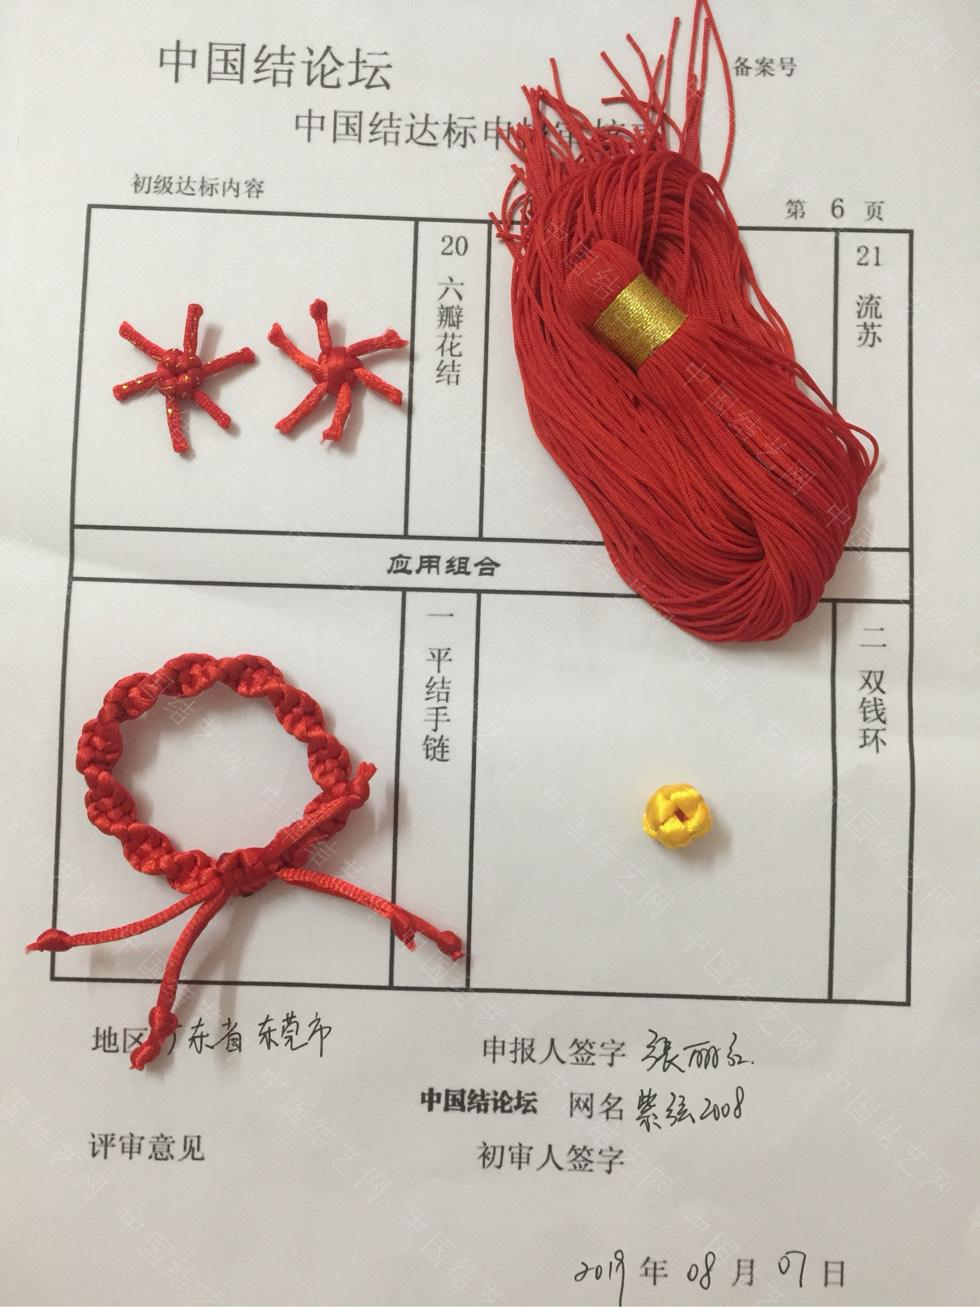 中国结论坛 紫弦2008--初级达标申请稿件 紫袖红弦是什么意思,自备稿件《我》,蓬莱间紫弦插曲,安全小稿件 中国绳结艺术分级达标审核 004519fdkq3ikg67g88g6z